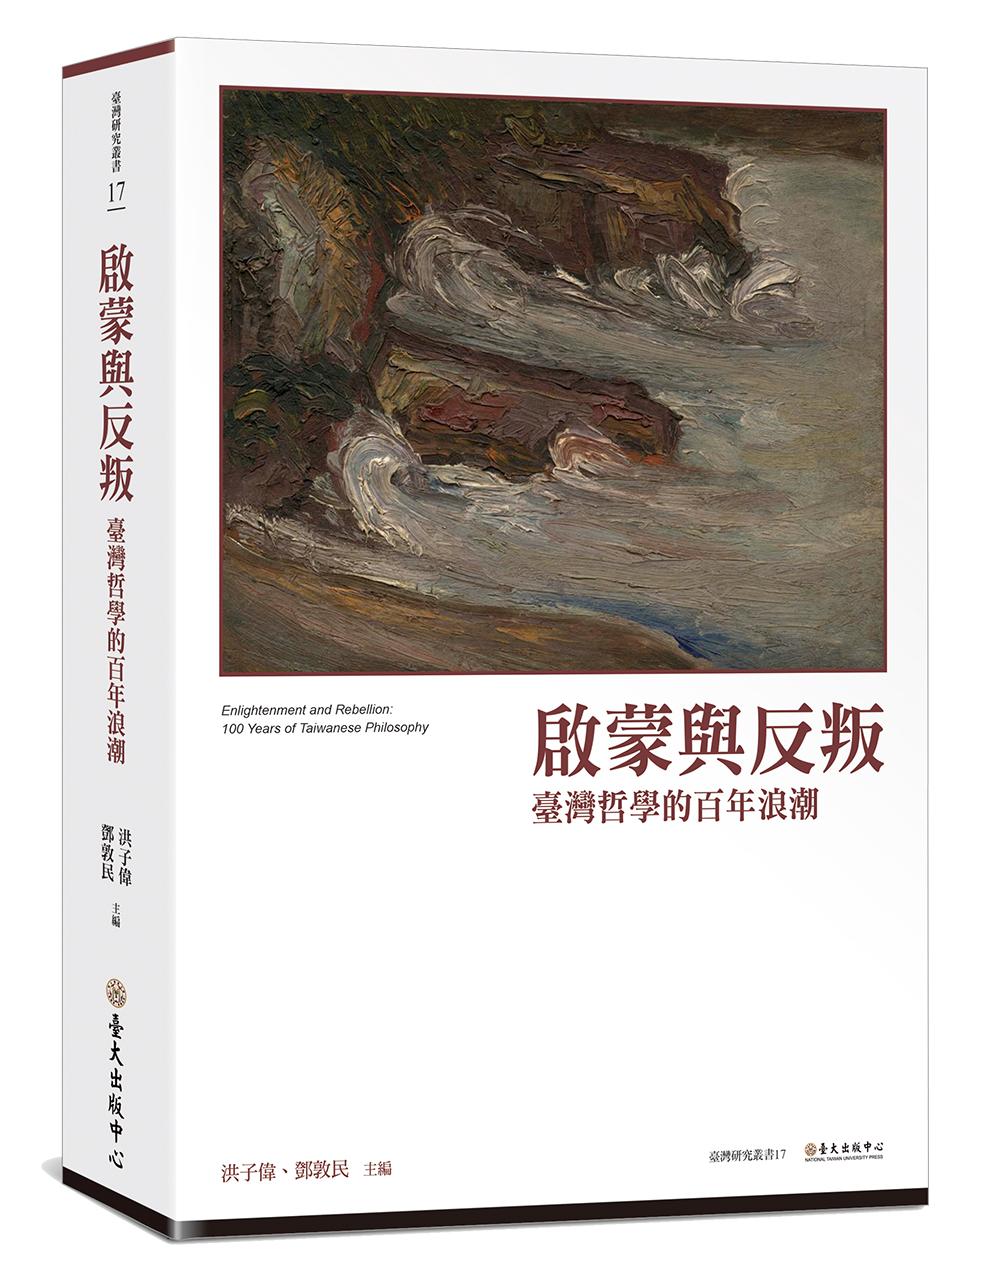 啟蒙與反叛──臺灣哲學的百年浪潮